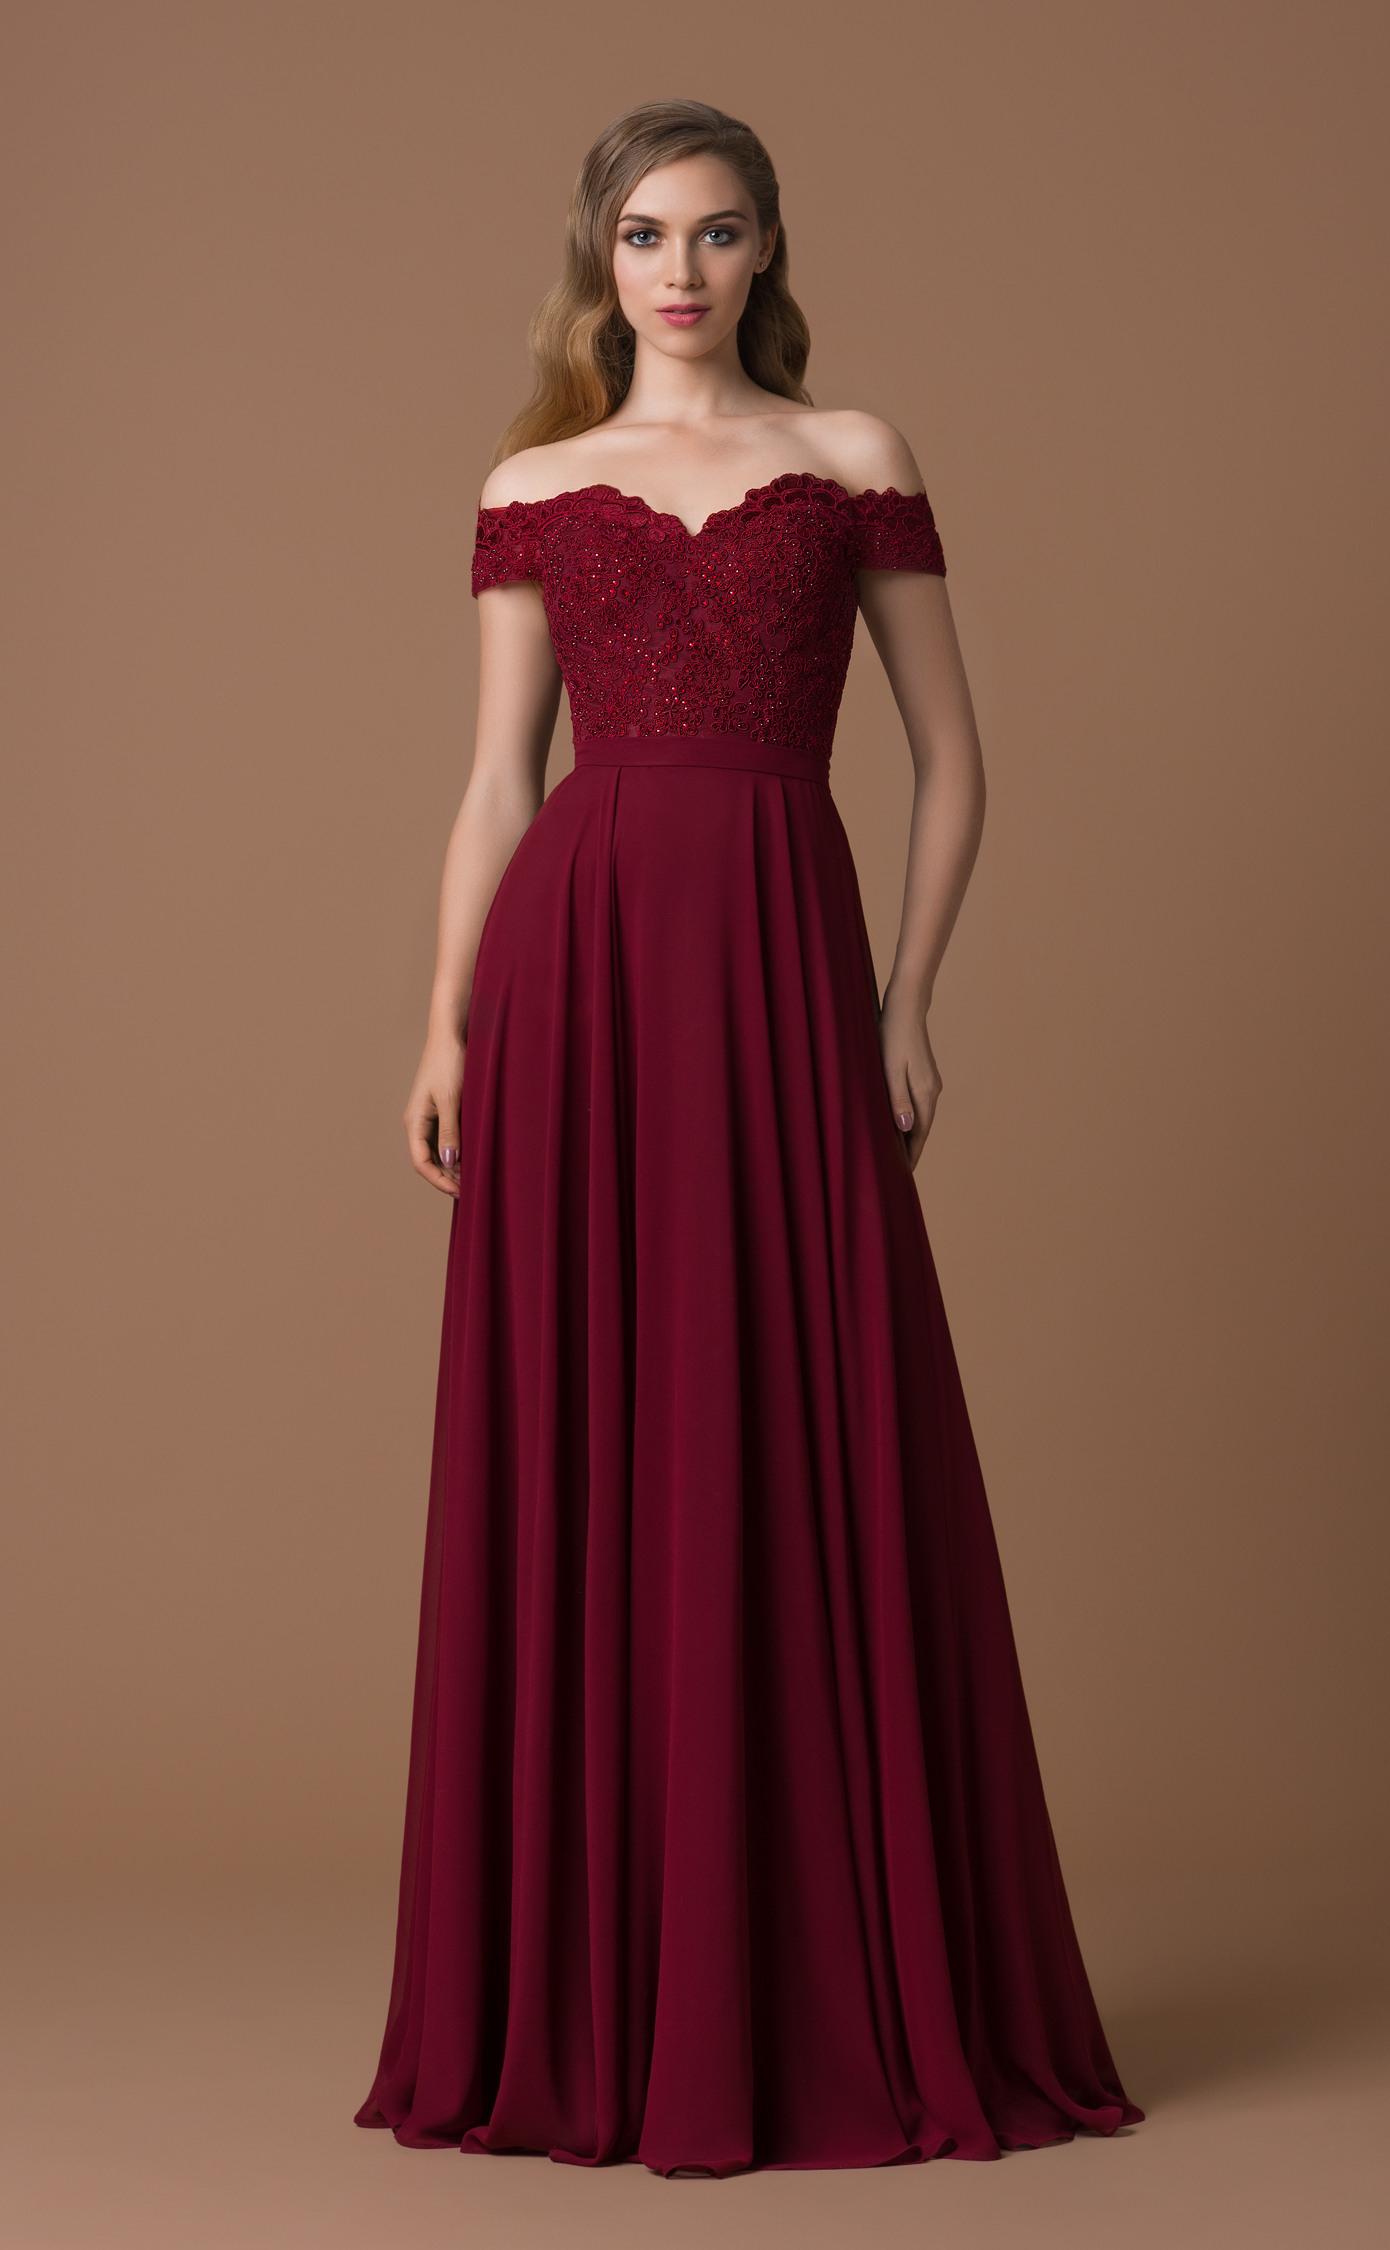 20 Schön Abend Kleid Vertrieb13 Coolste Abend Kleid Bester Preis